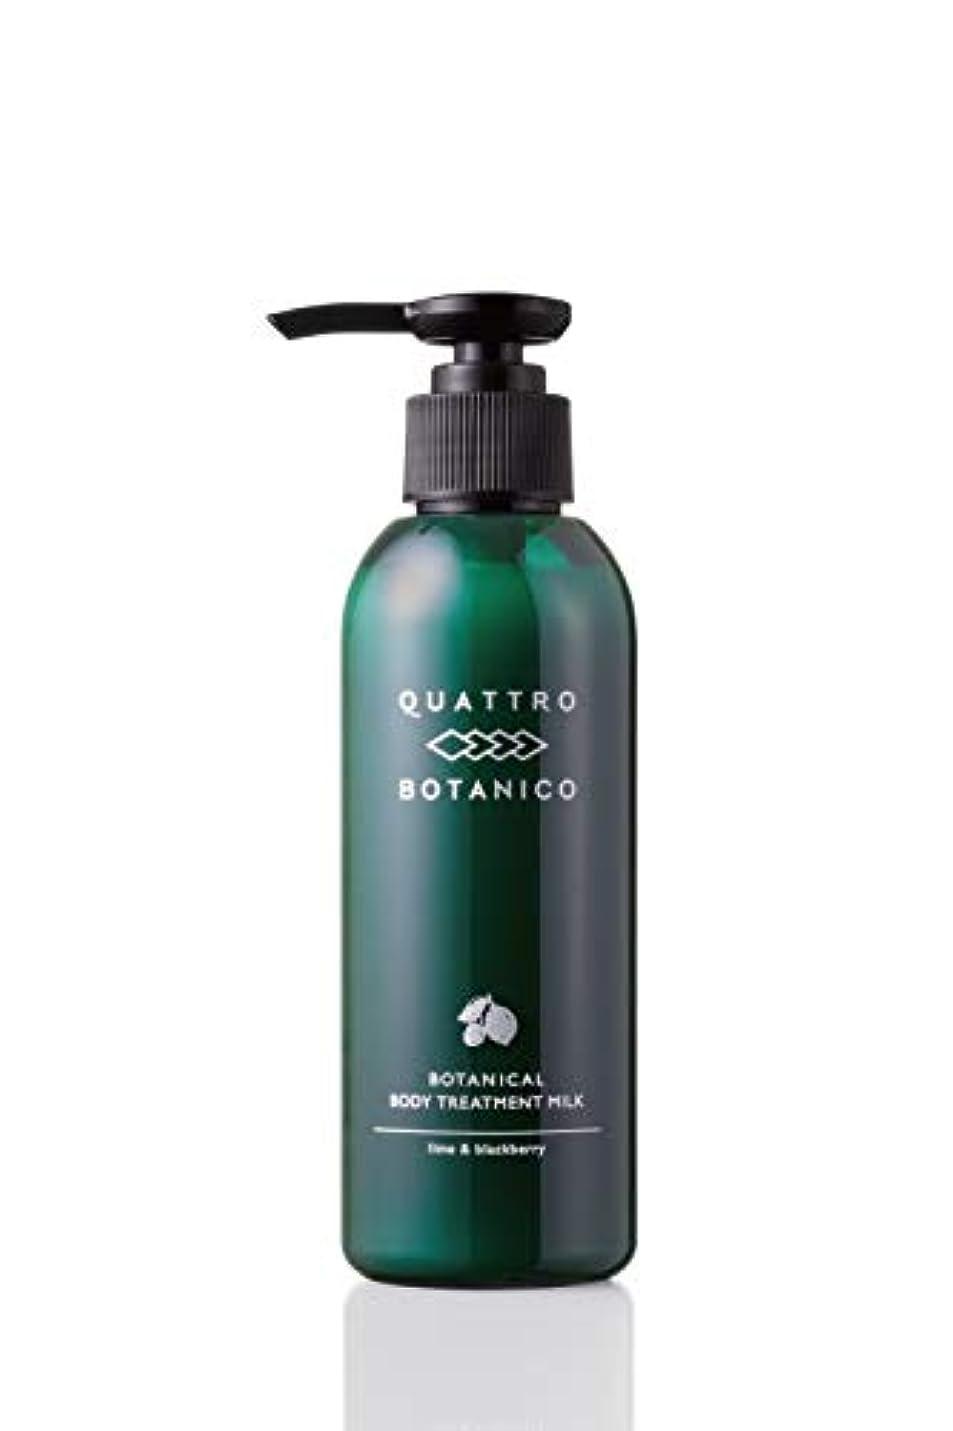 混乱させる縮れた有料クワトロボタニコ (QUATTRO BOTANICO) 【 ボディクリーム 】ボタニカル ボディ トリートメント ミルク (ポンプ式)かさつく肌の保湿に お風呂上がりに 180mL 約2ヶ月分